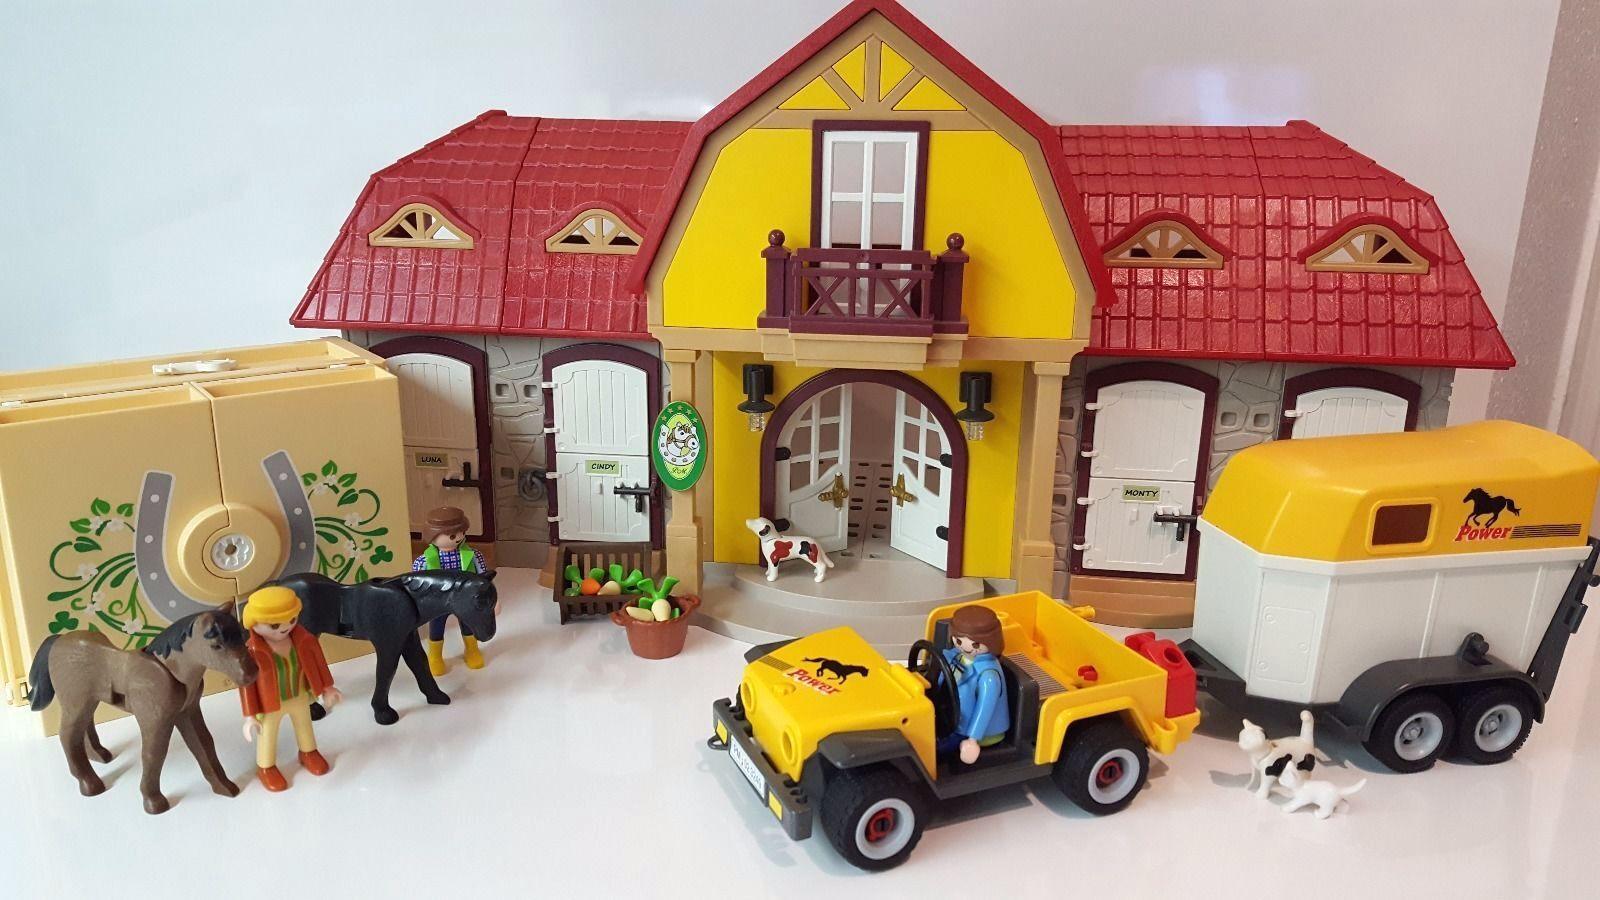 Playmobil 5221 Reiterhof, 5418 Tierpflegestation 4344, Jeep, Pferdeanhänger,